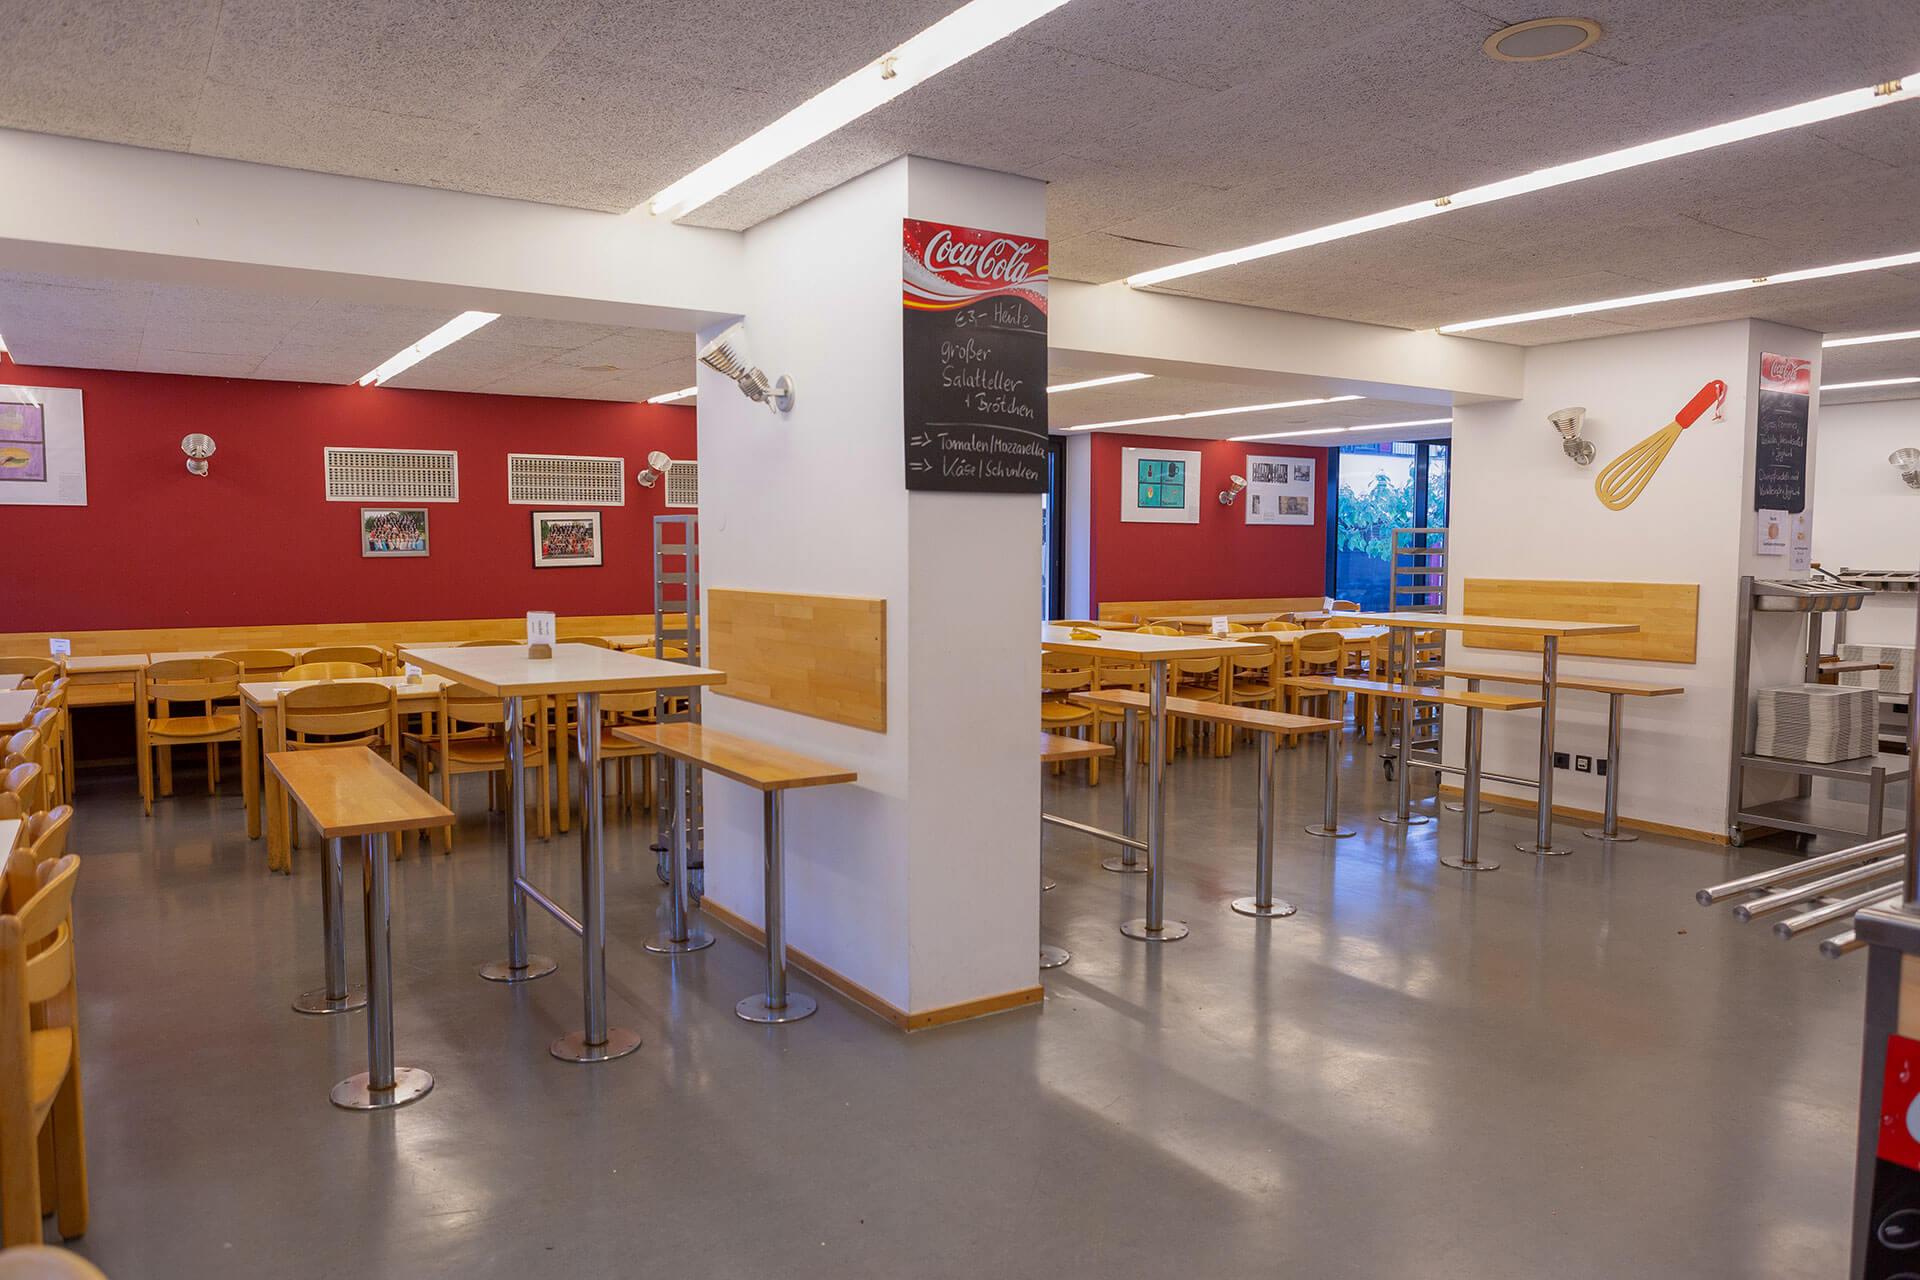 Blick in die Räumlichkeiten der Cafeteria